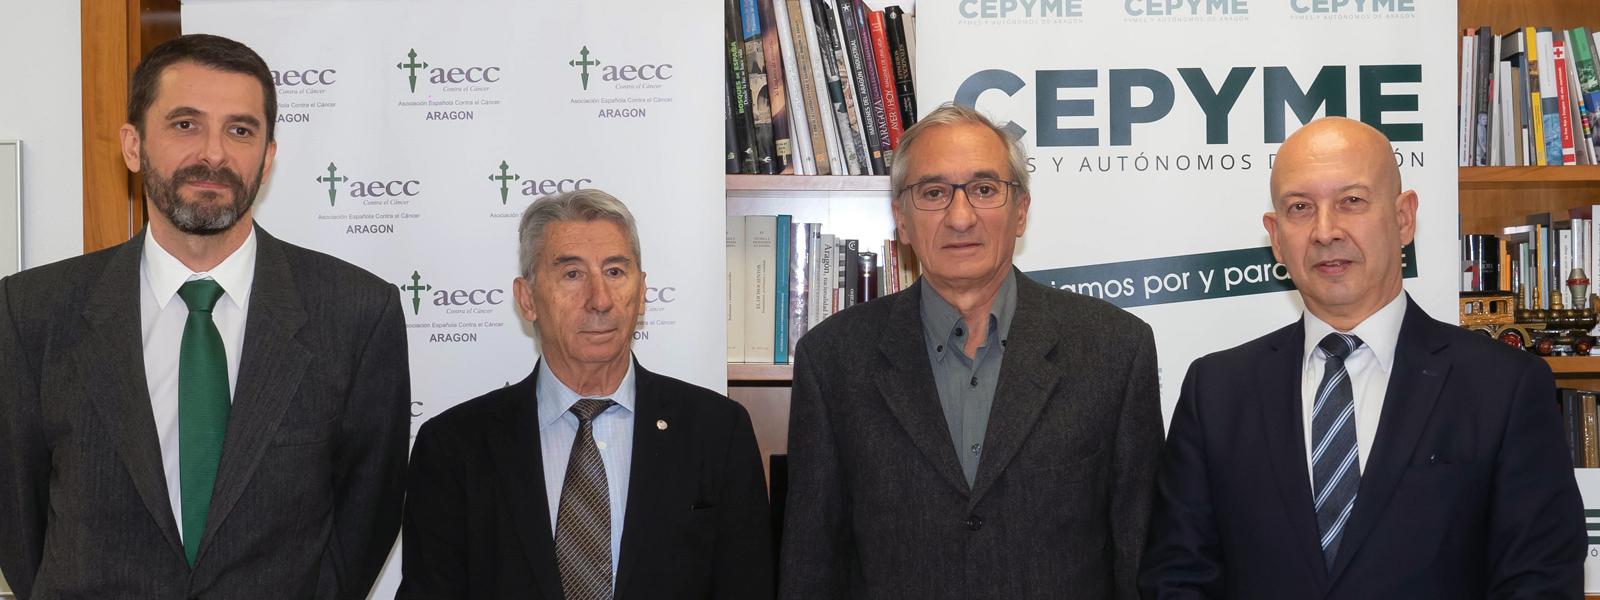 Convenio de colaboración con AECC